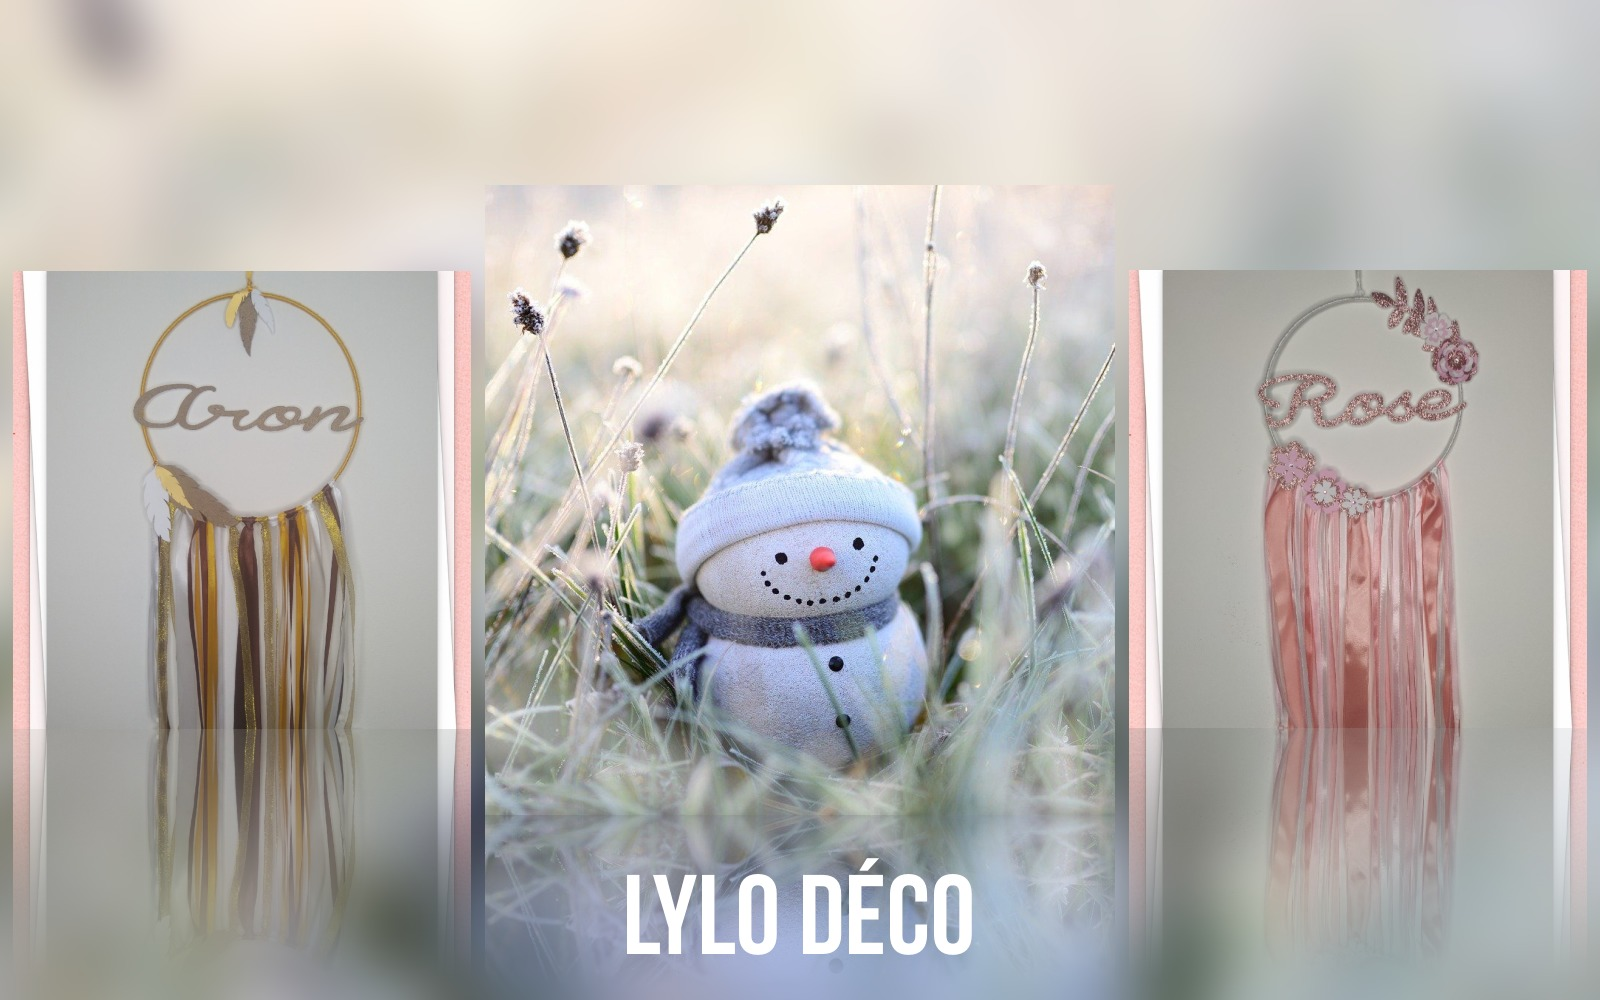 Lylo déco marché de noël virtuel de Souriez rose